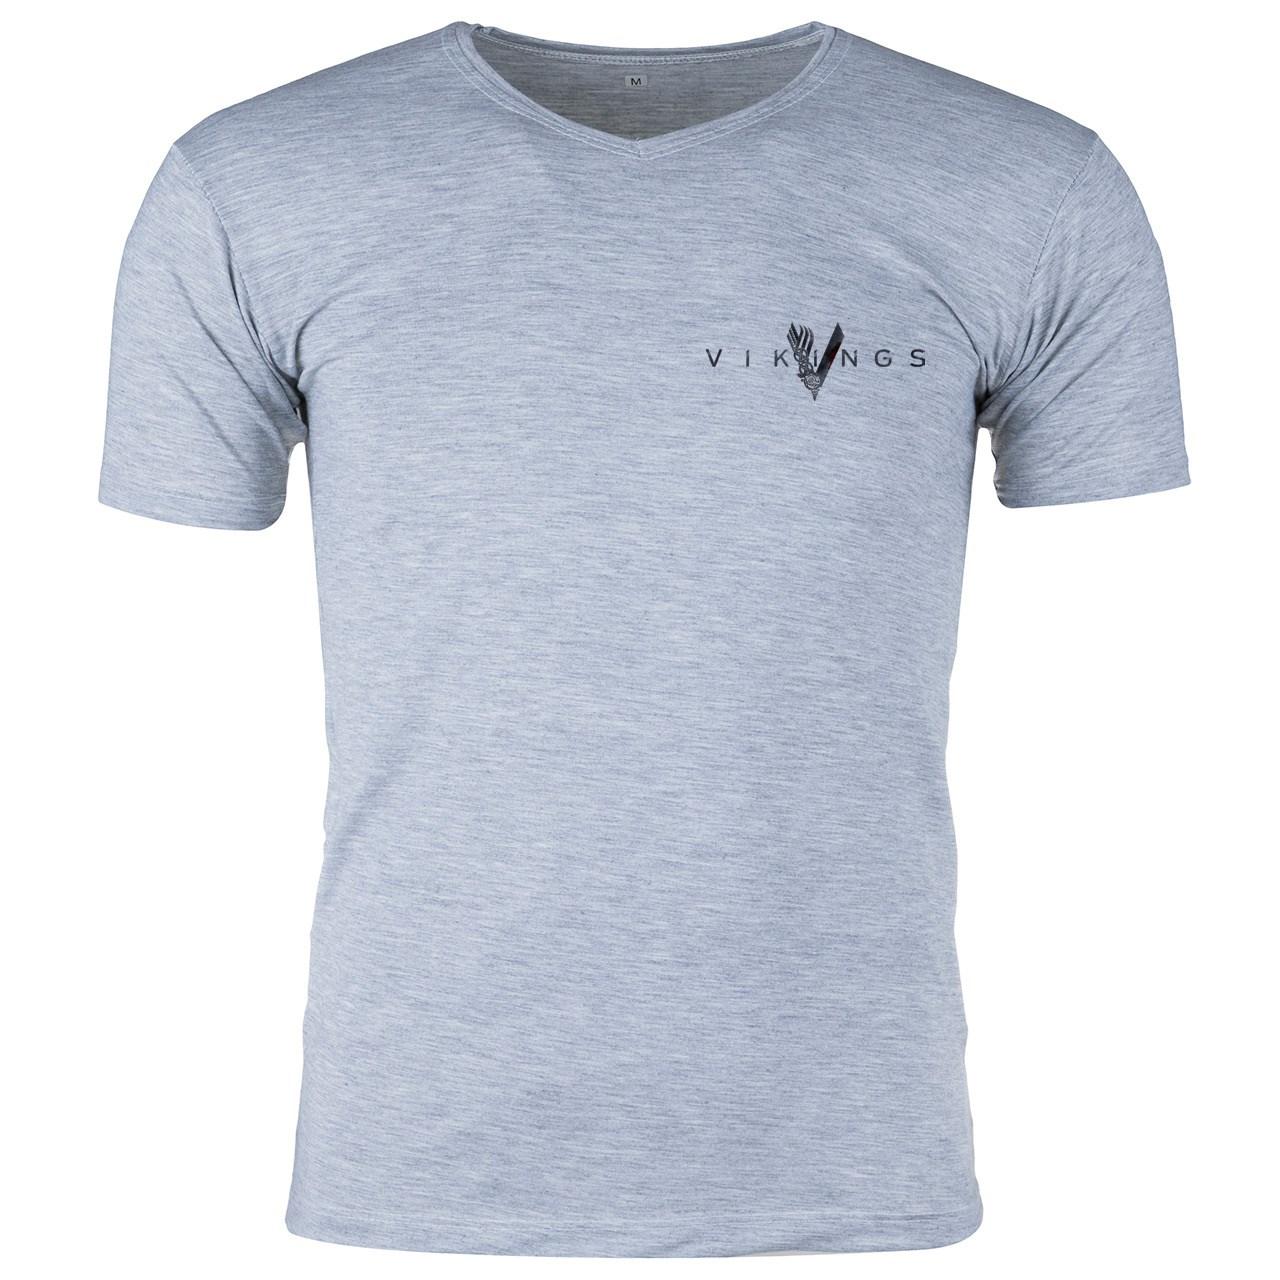 قیمت تی شرت ملانژ  مردانه گالری واو طرح Vikings کد CT80217z